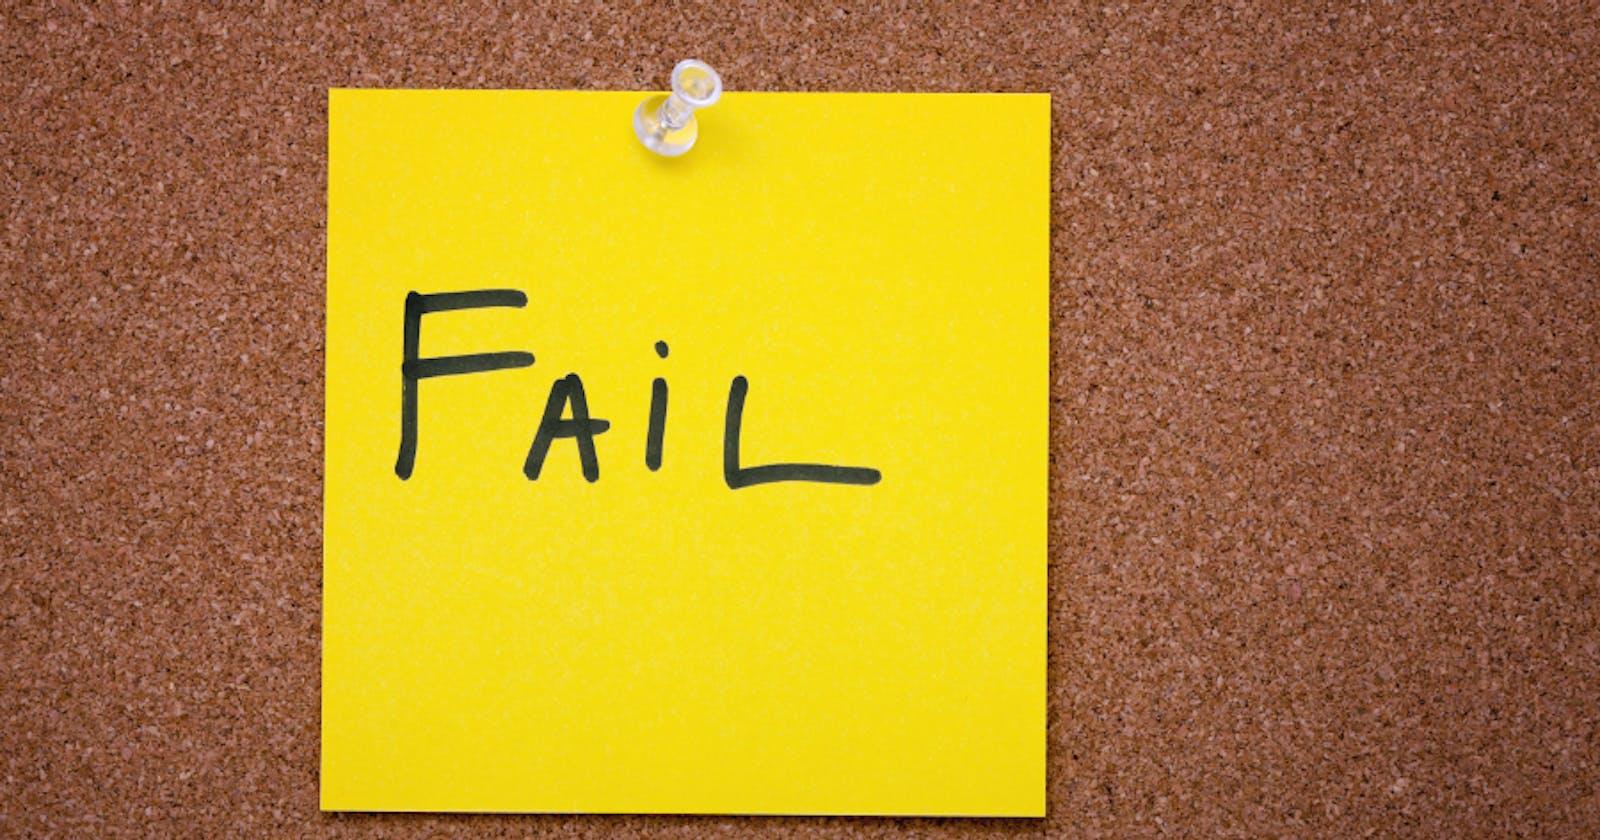 I hope you fail.🙏🏽❤️